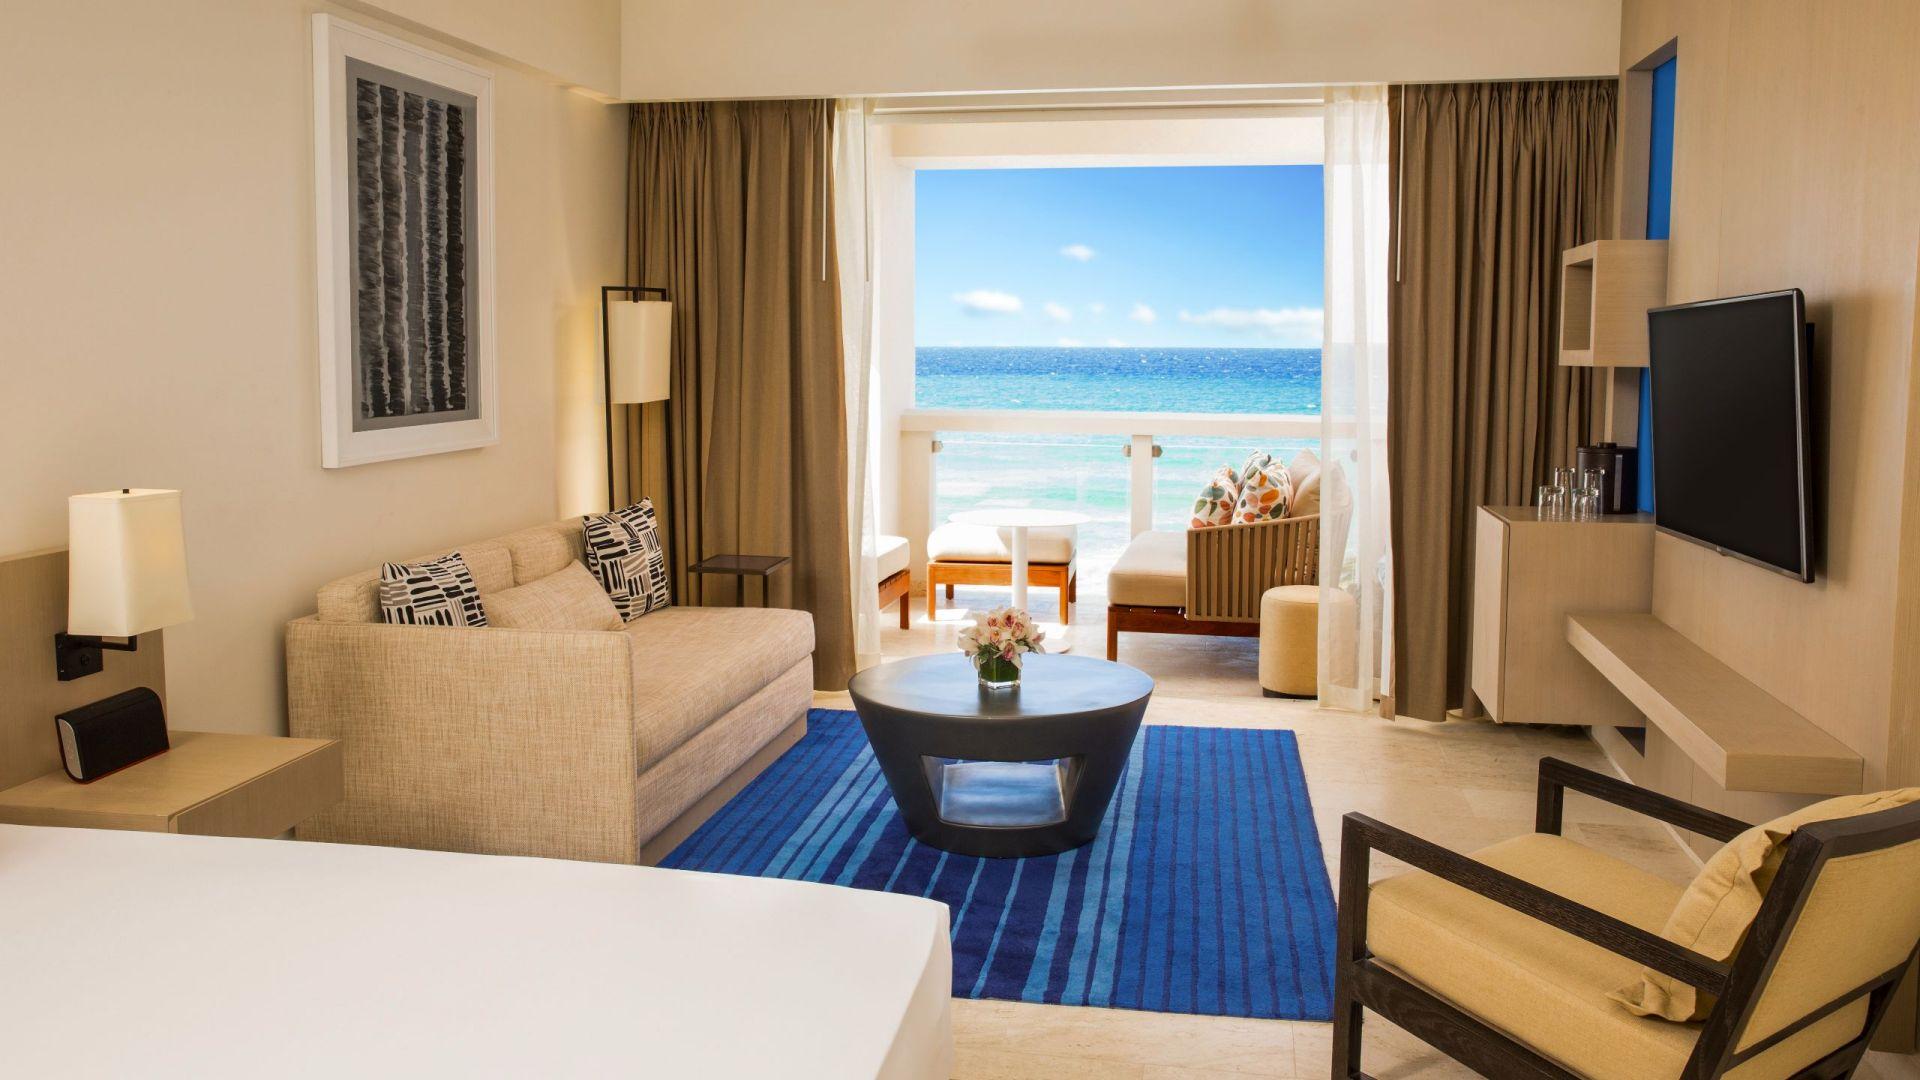 Living area in resort suite with ocean view